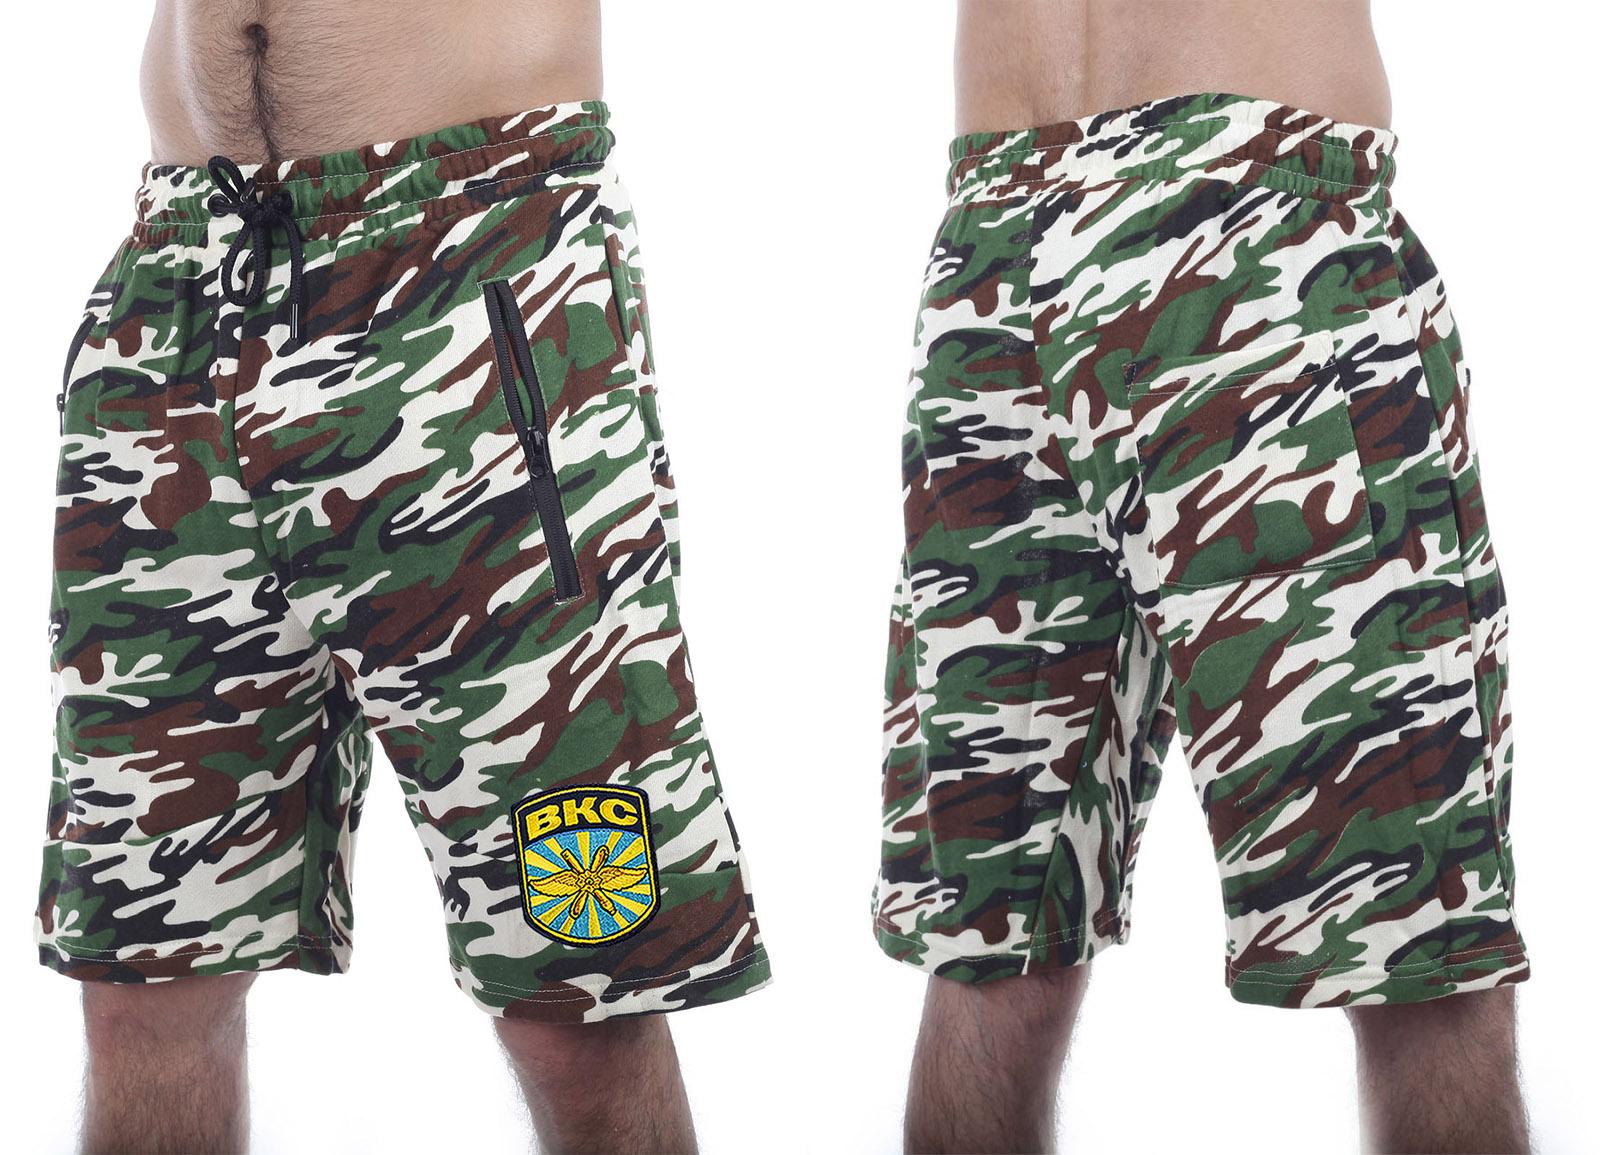 Армейские зачетные шорты нашивкой ВКС -- купить выгодно